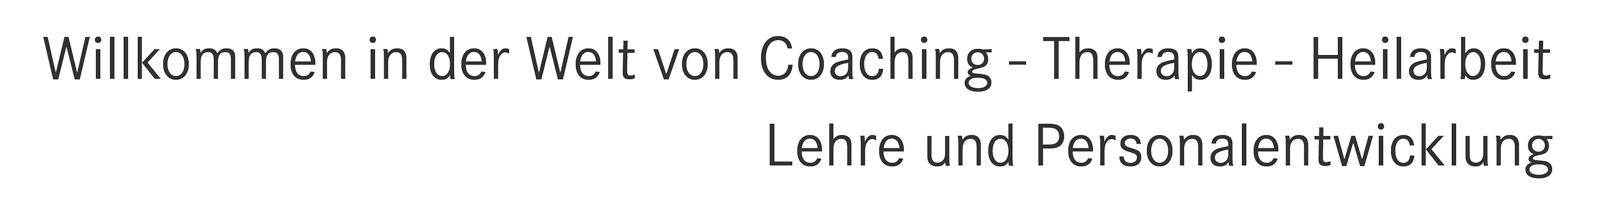 Coaching, Therapie, Heilarbeit, Lehre und Personalentwicklung